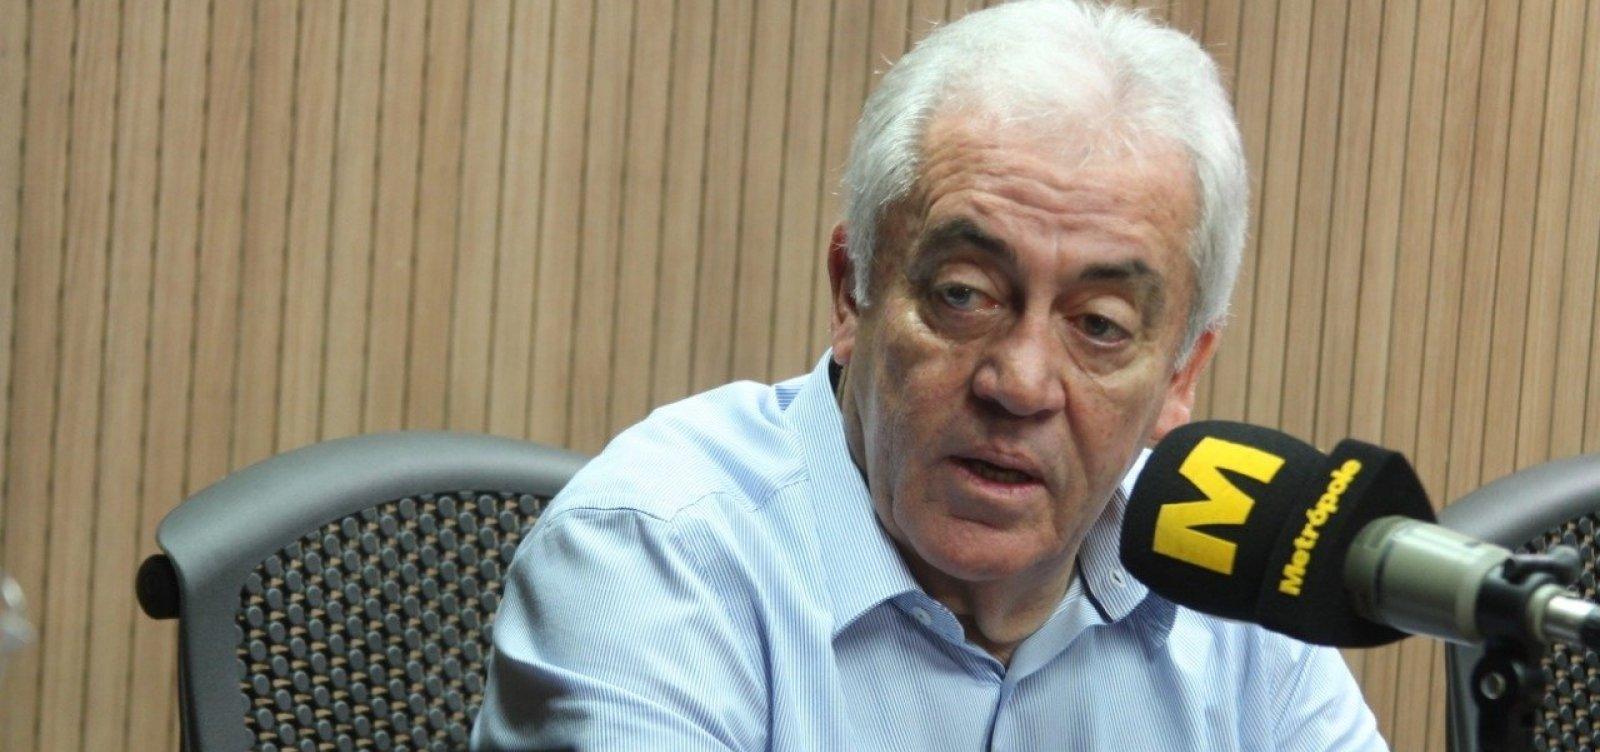 Otto torce pelo governo Bolsonaro, mas nega participação em cargos